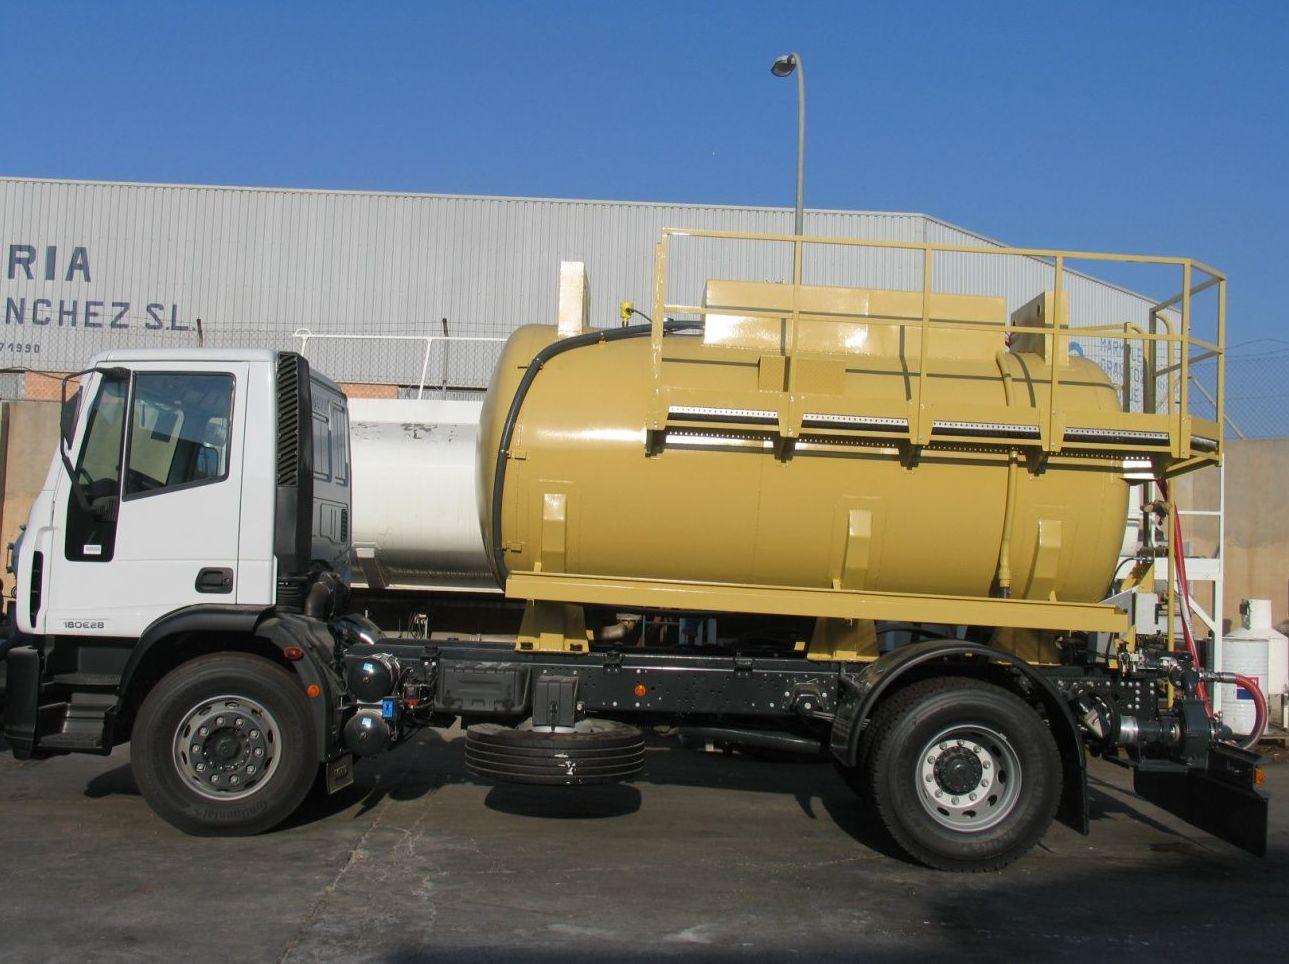 Cisternas para camiones en Alicante